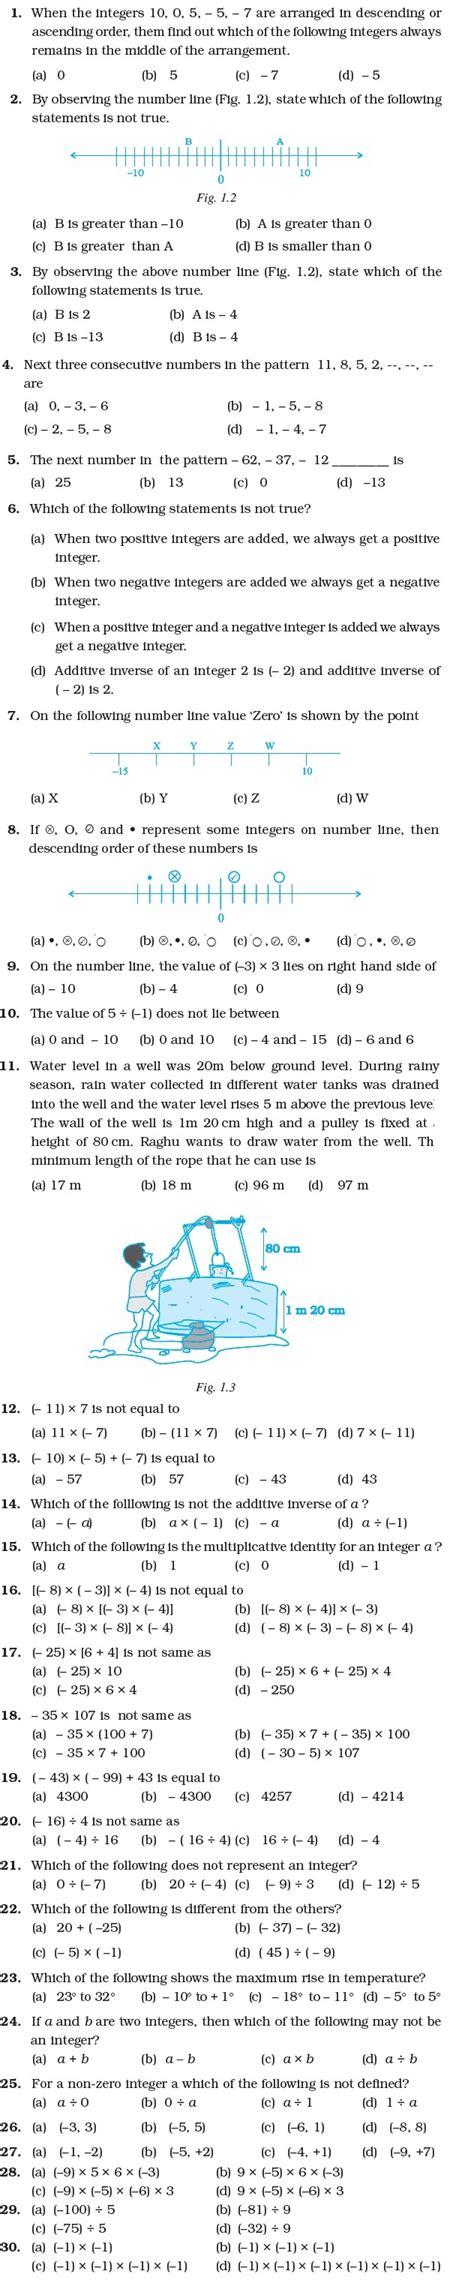 maths worksheet for grade 7 cbse cbse class 10 maths